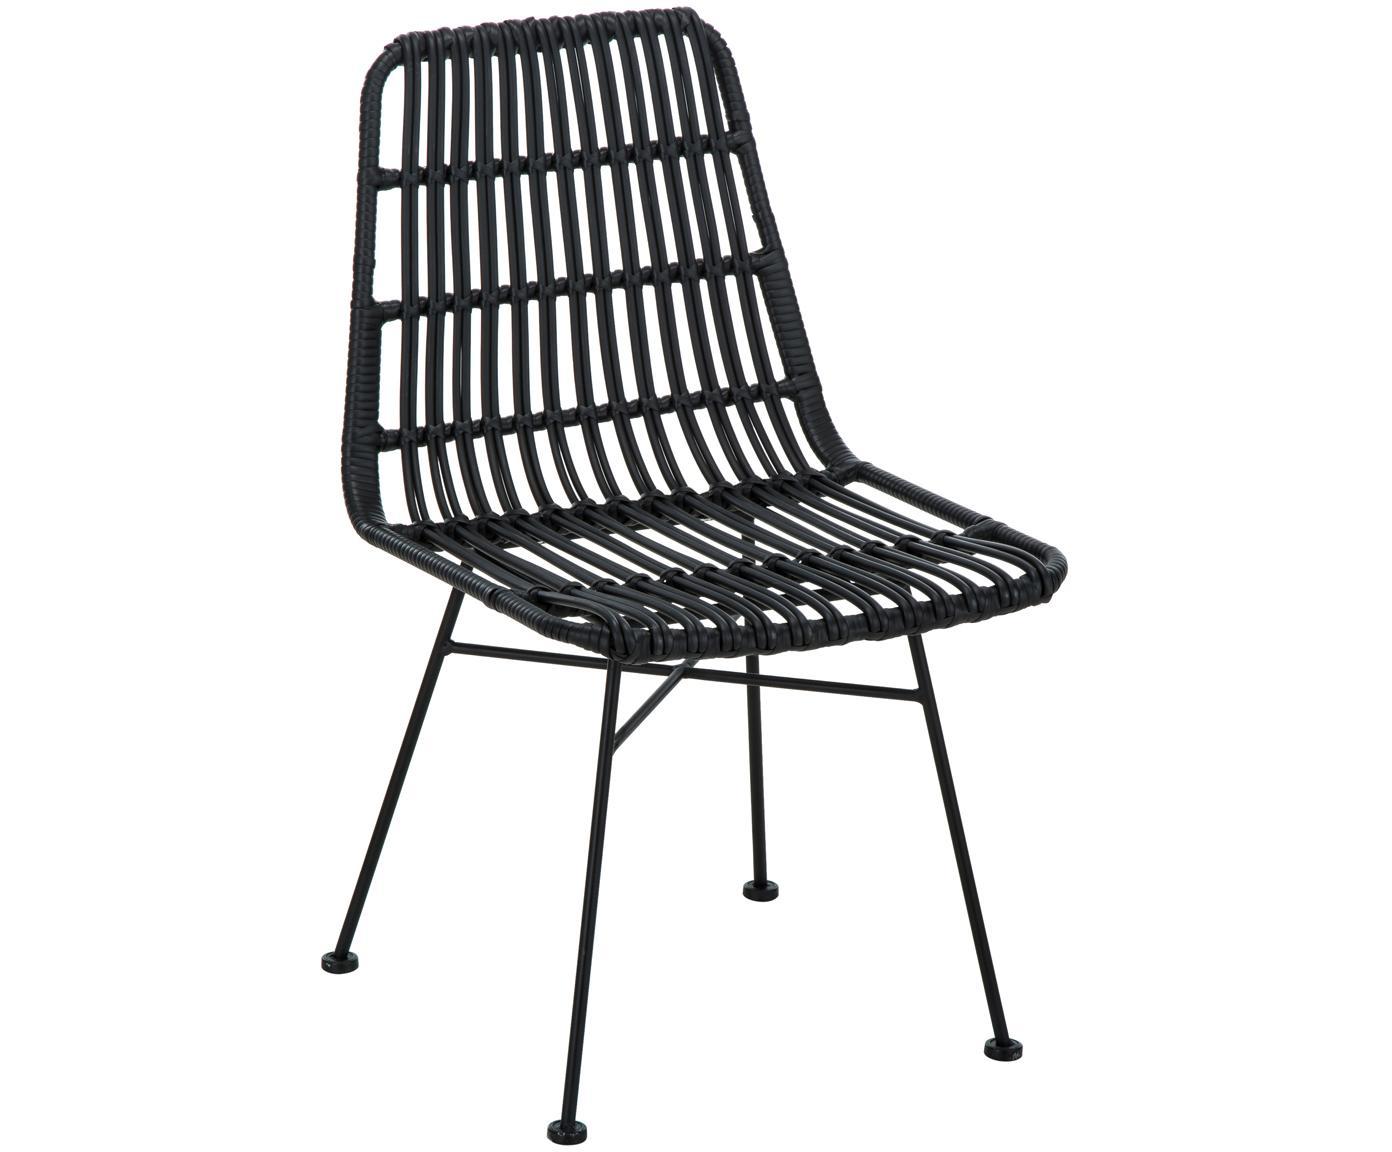 Polyrotan stoelen Costa, 2 stuks, Zitvlak: polyethyleen-vlechtwerk, Frame: gepoedercoat metaal, Zitvlak: zwart. Frame: mat zwart, B 47  x D 62 cm